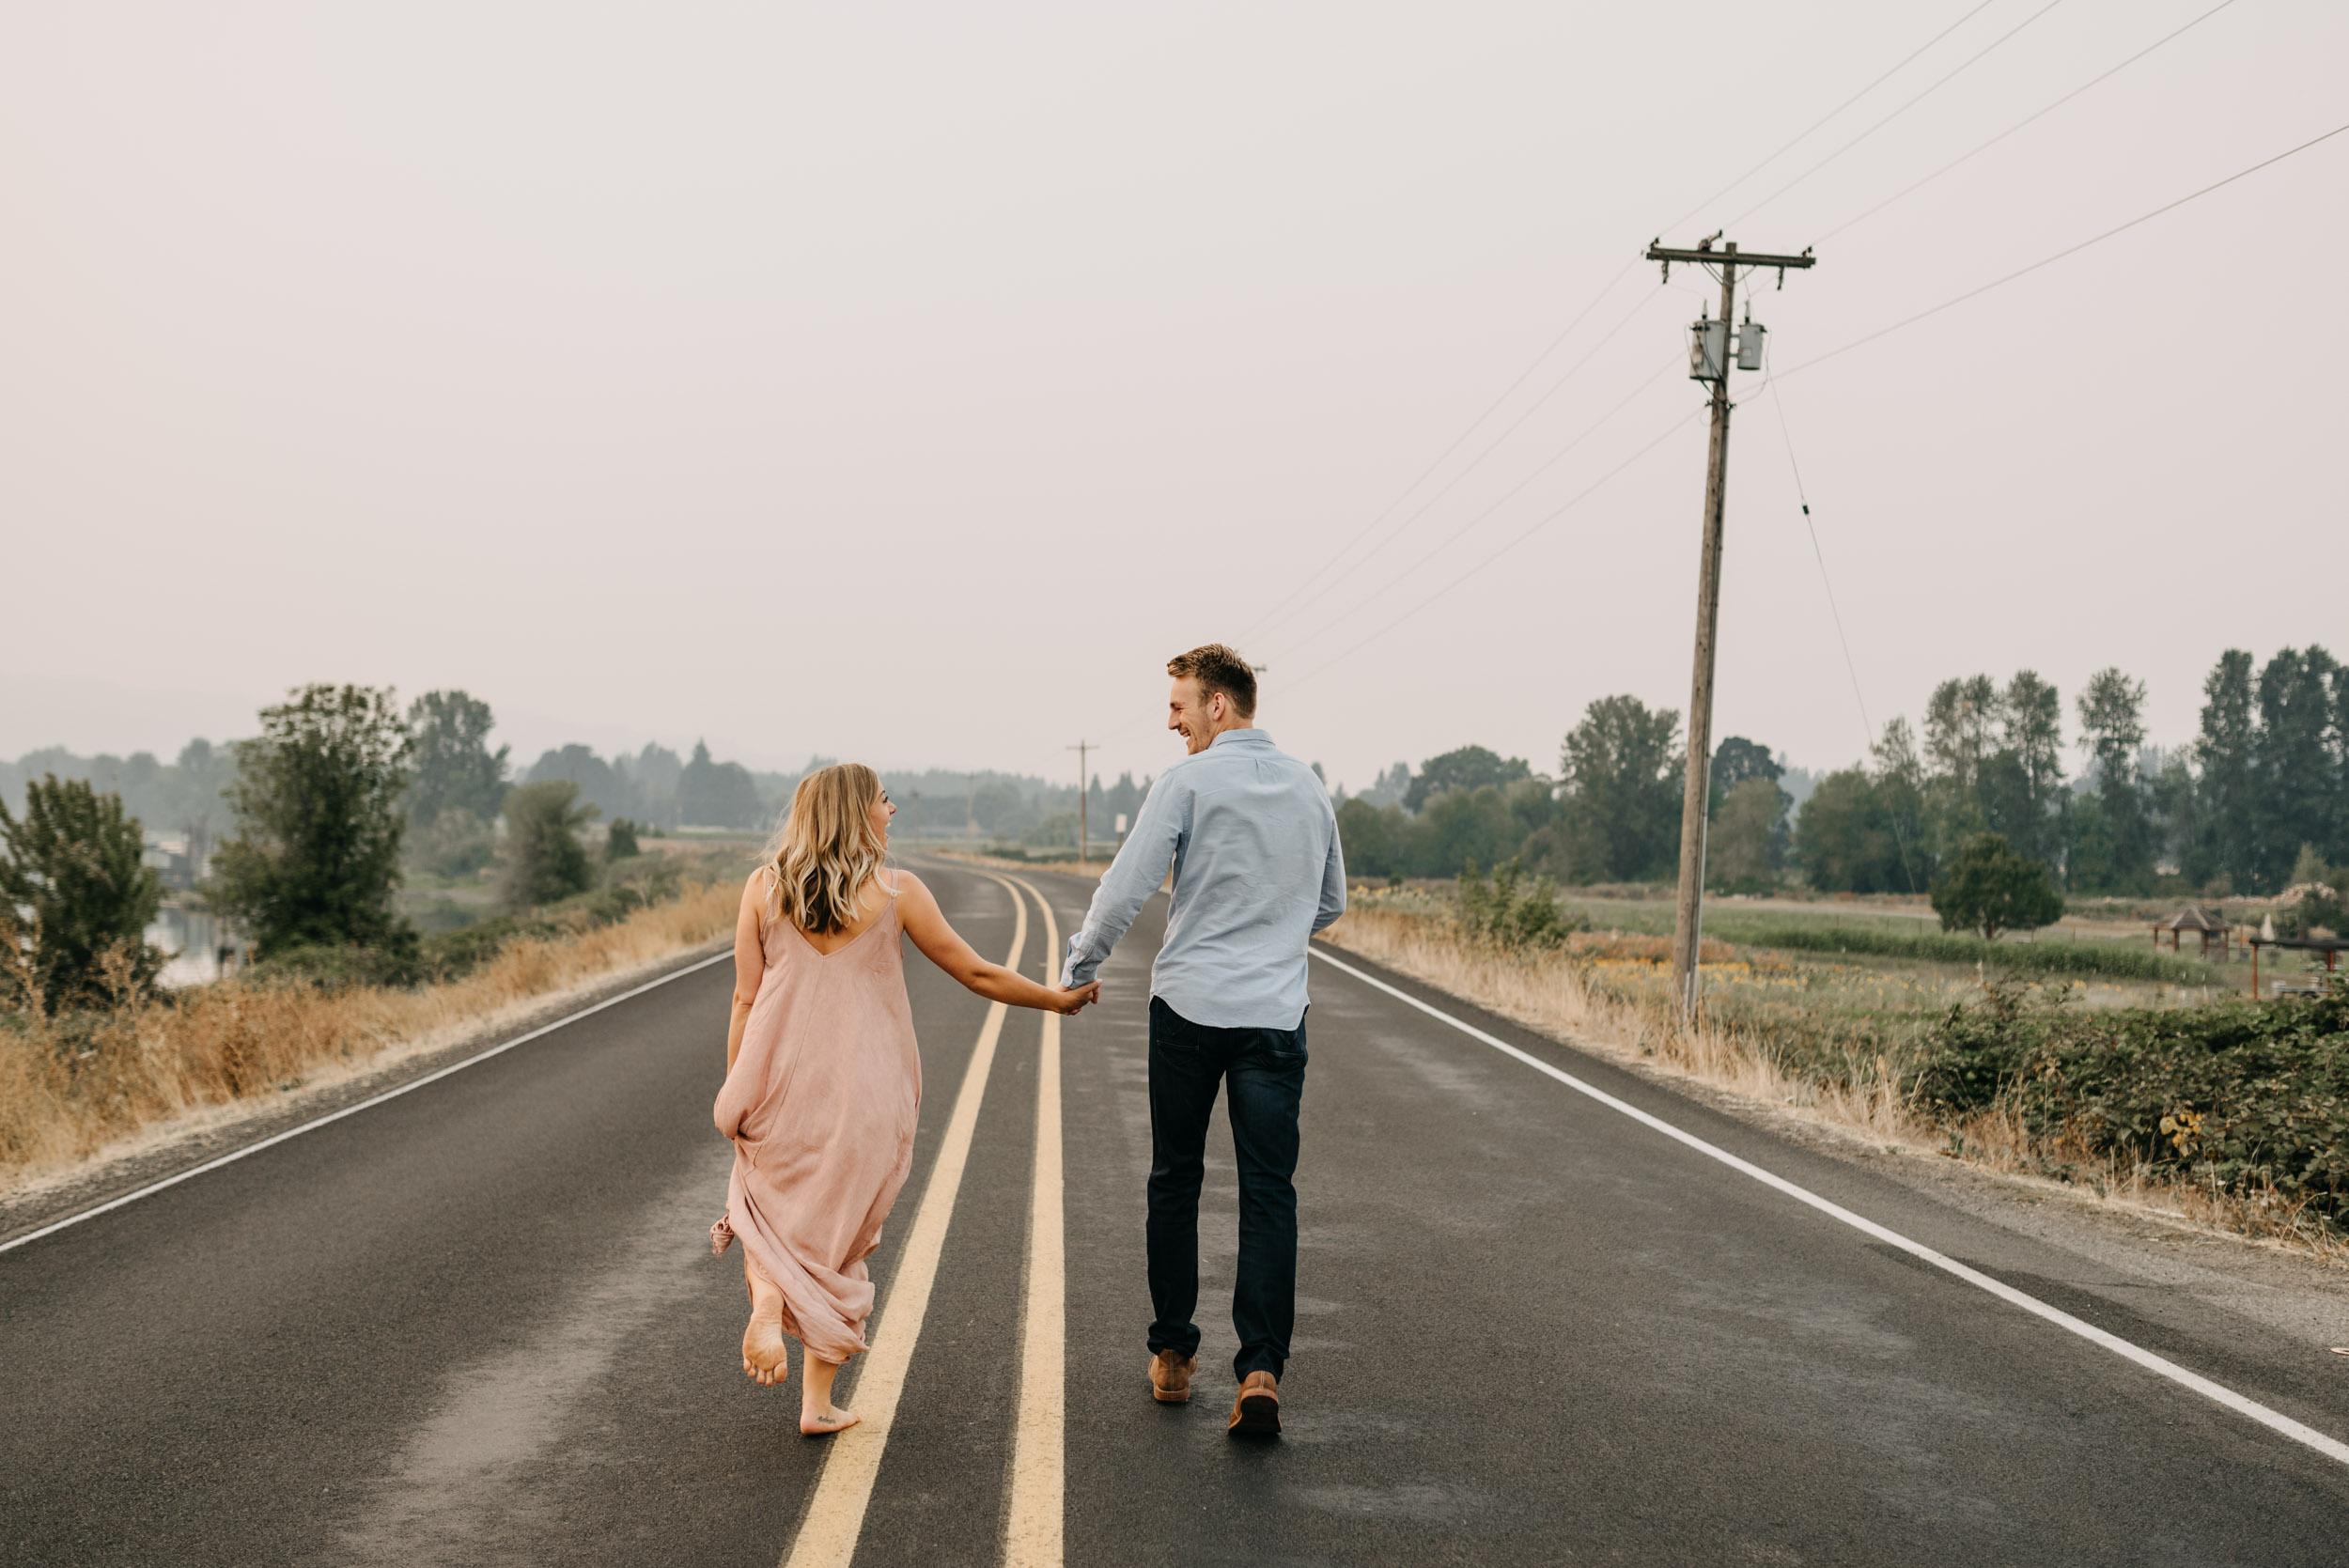 Road-Engagement-Running-Street-Sauvie-4021.jpg